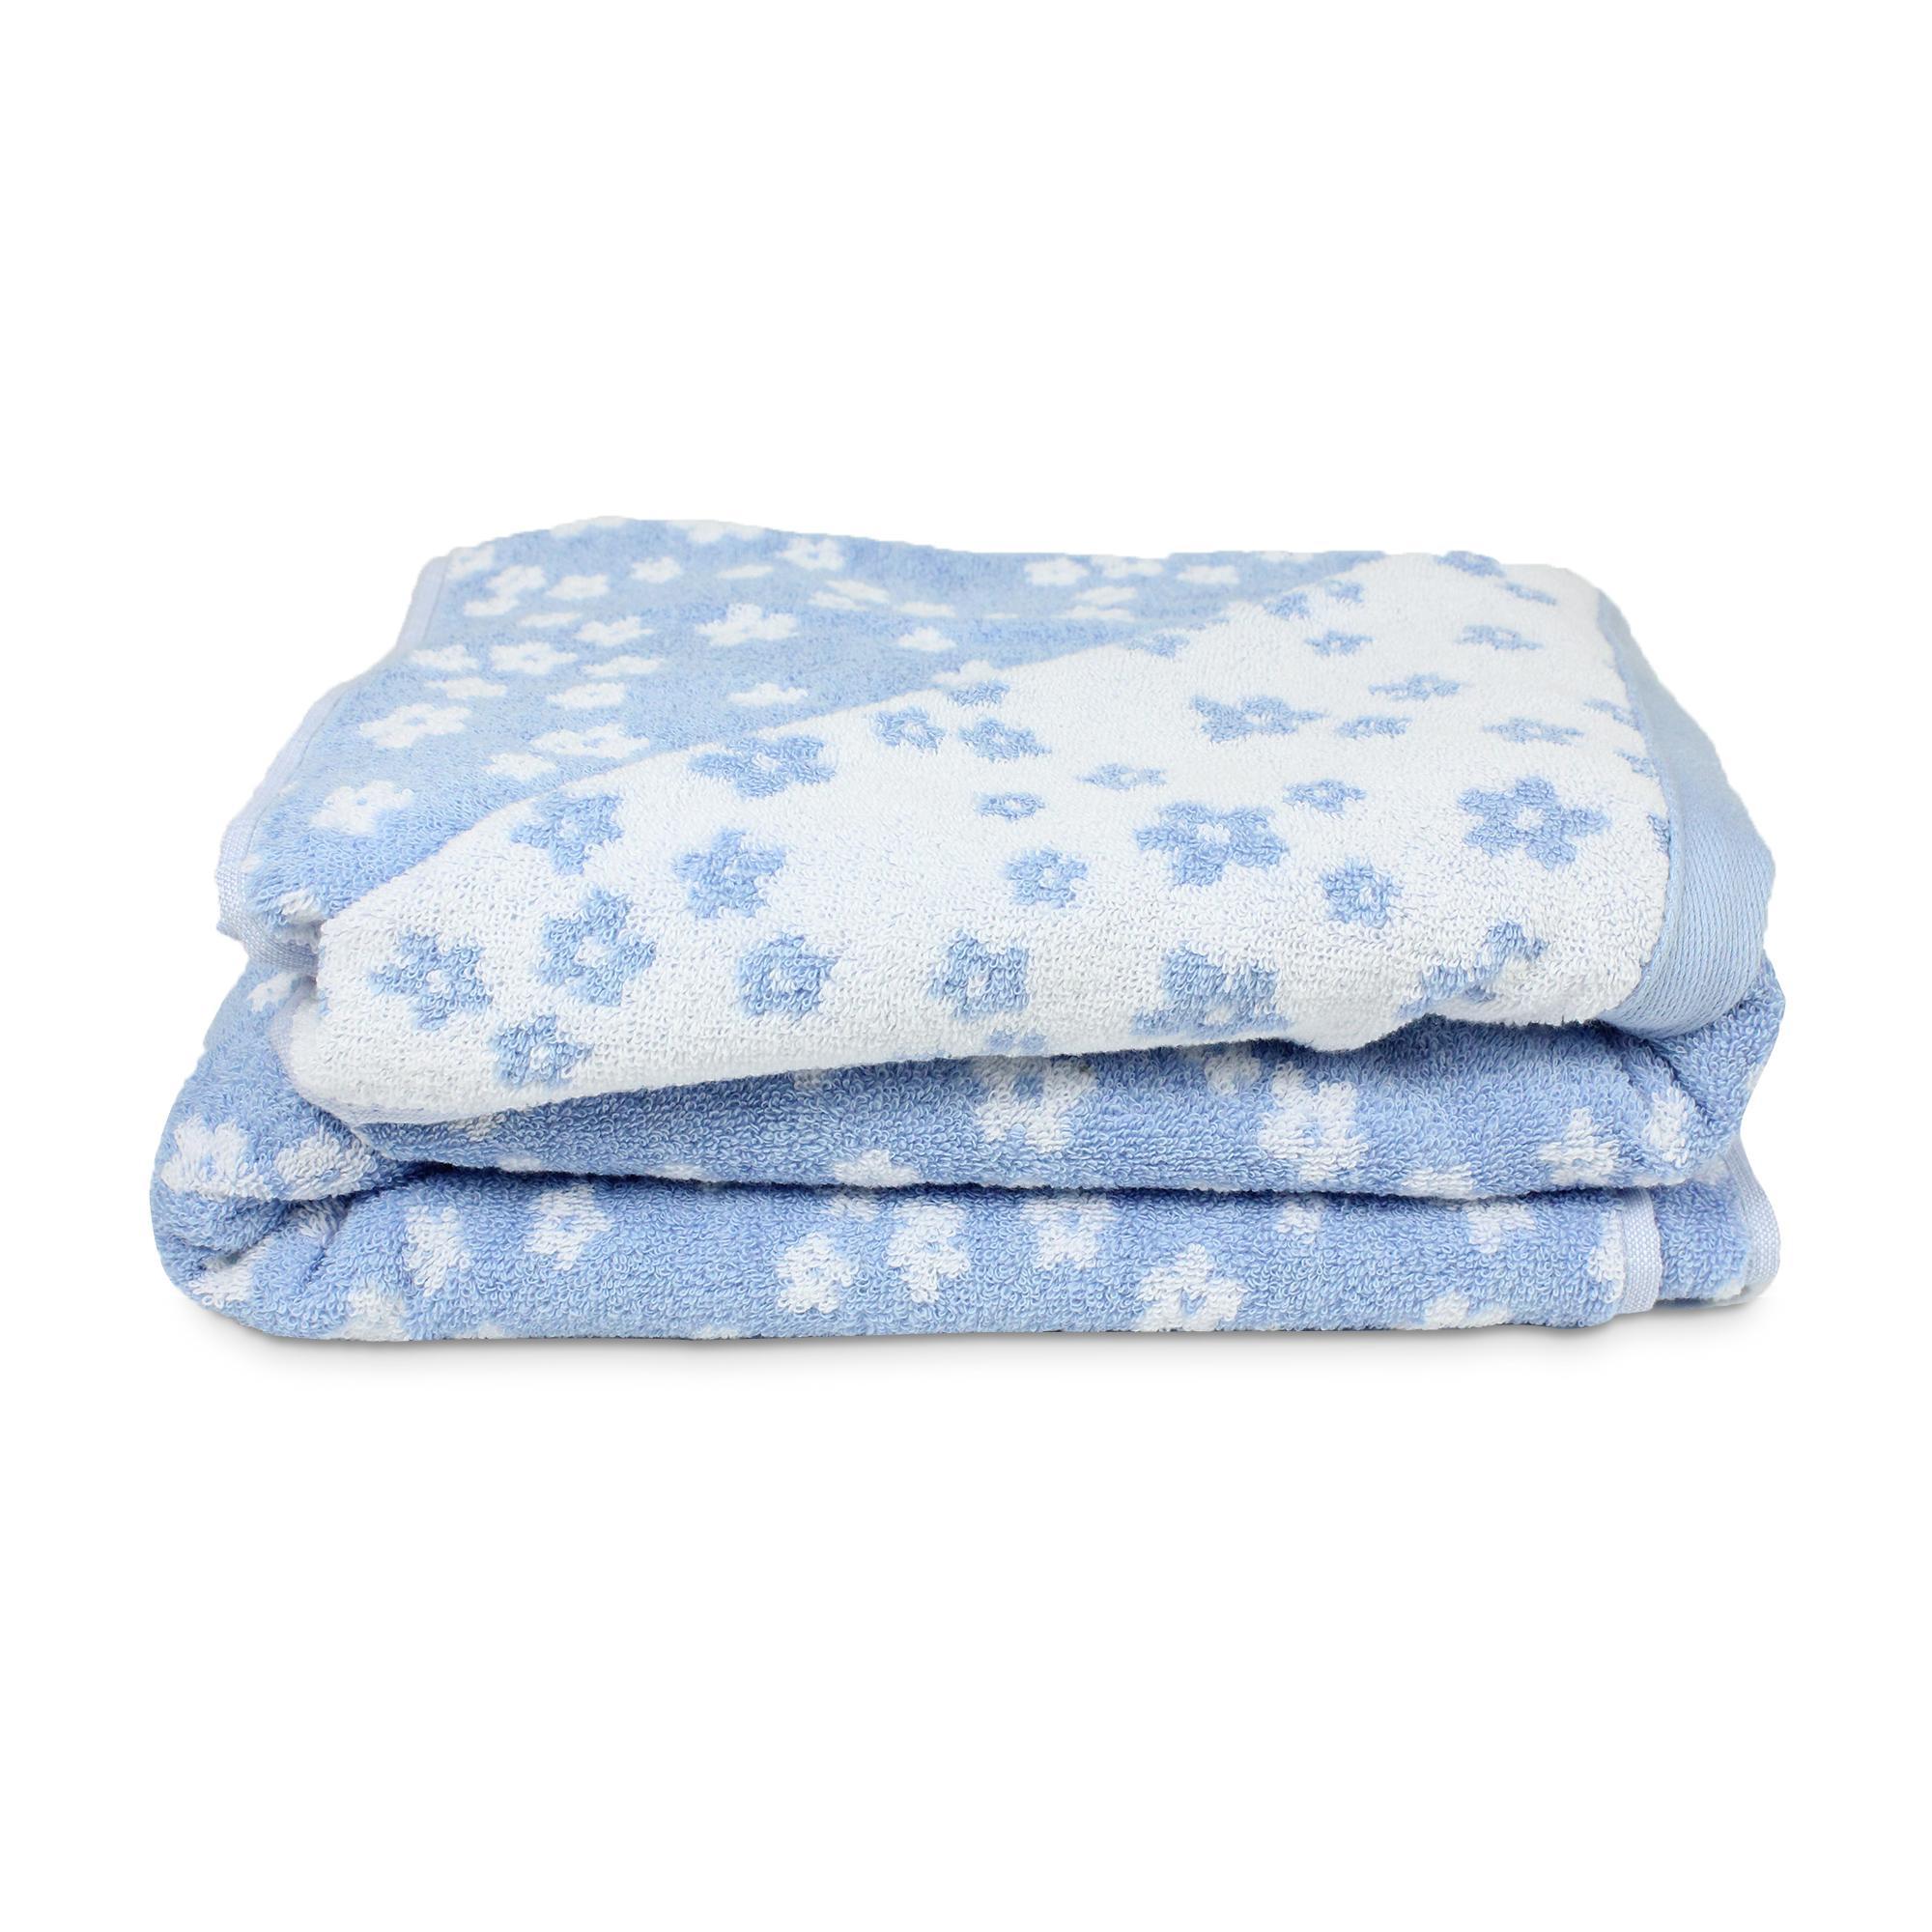 drap bain 100x150 cm coton facile bleu linnea linge de maison et. Black Bedroom Furniture Sets. Home Design Ideas